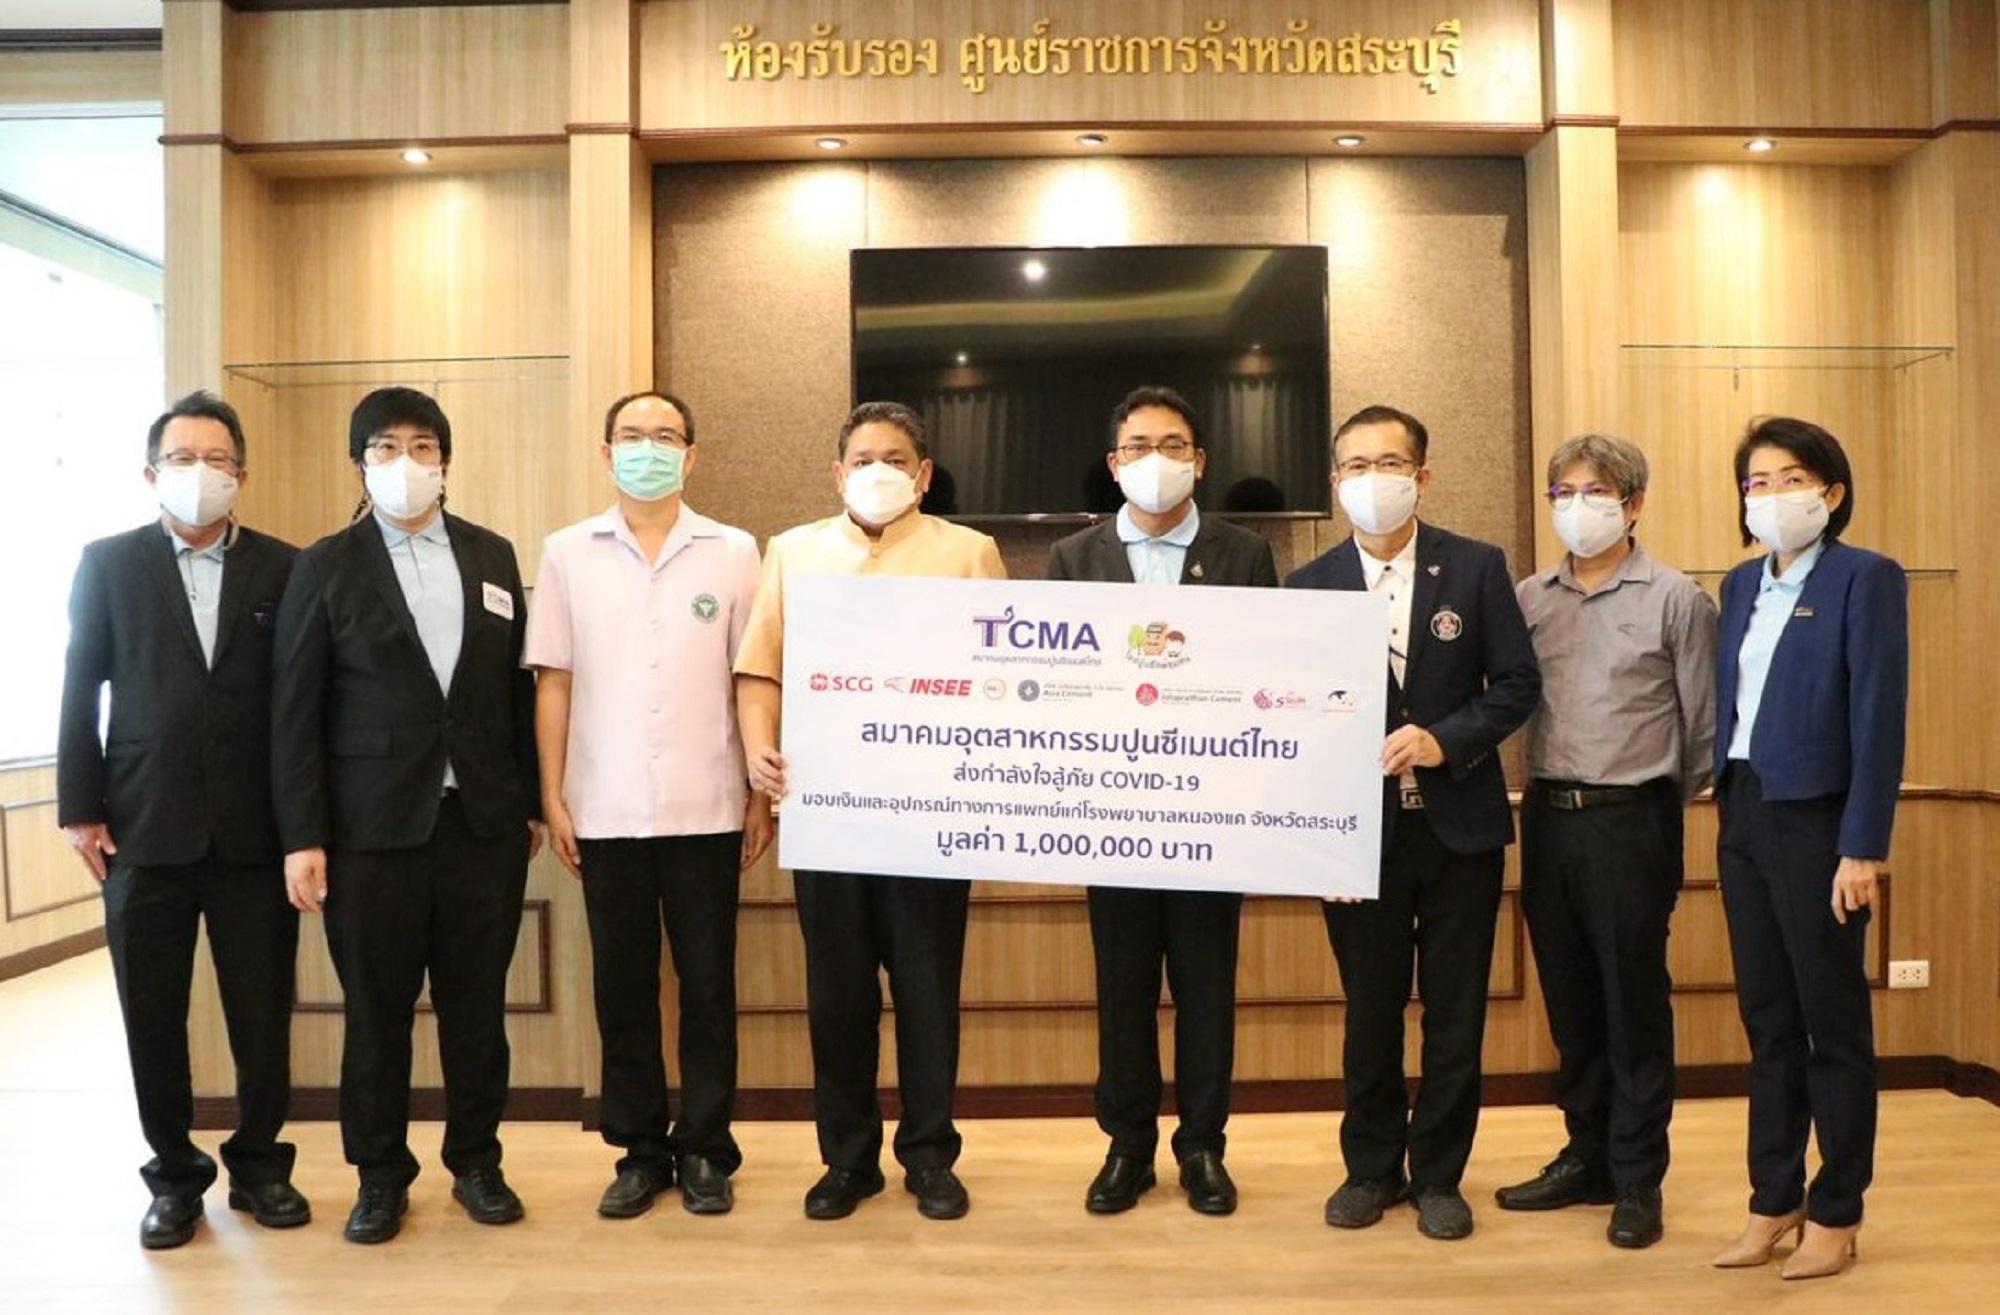 TCMA สานพลังความห่วงใย ส่งกำลังใจสู้ภัยโควิด-19